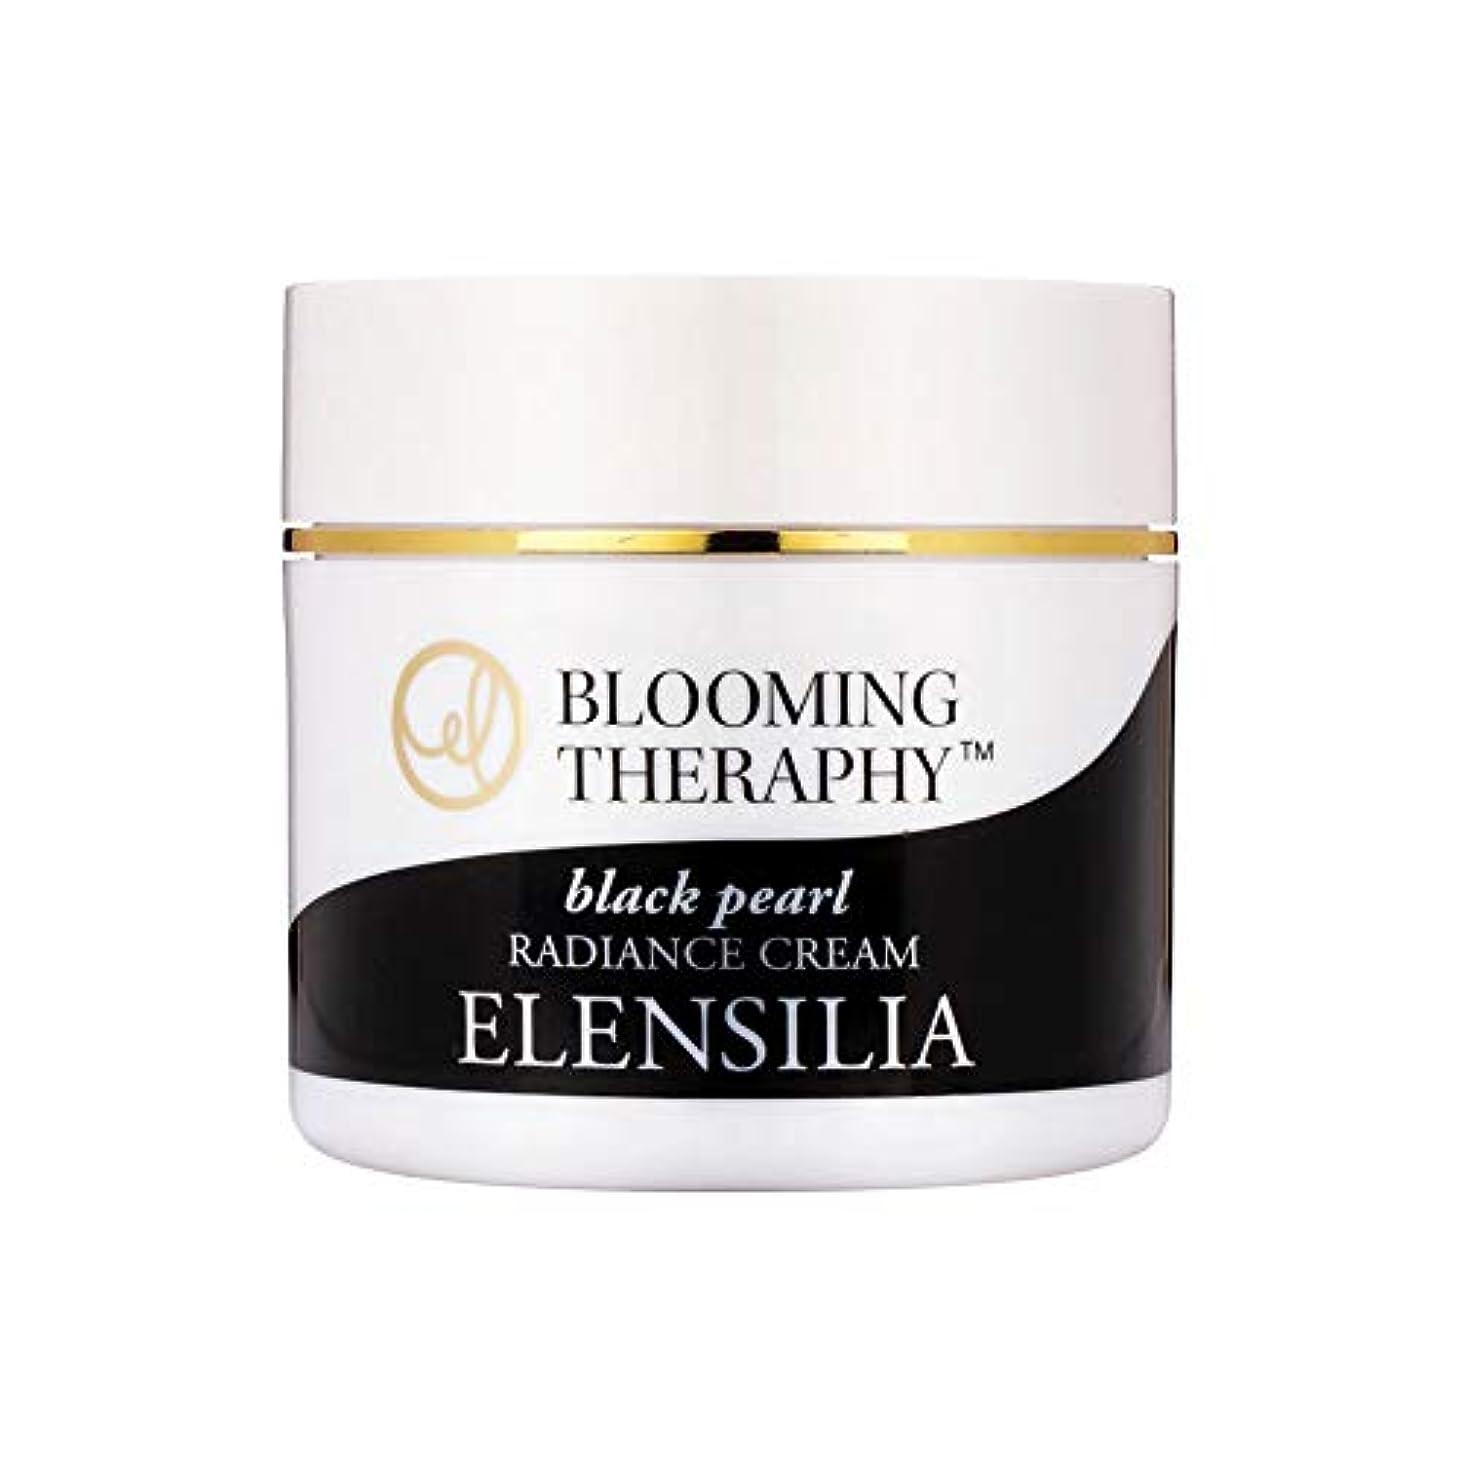 落ち着く引き潮意識的エルレンシルラElensilia 韓国コスメ ブルーミングセラピー黒真珠ラディアンスクリーム50g 海外直送品 Blooming Theraphy Black Pearl Radiance Cream [並行輸入品]